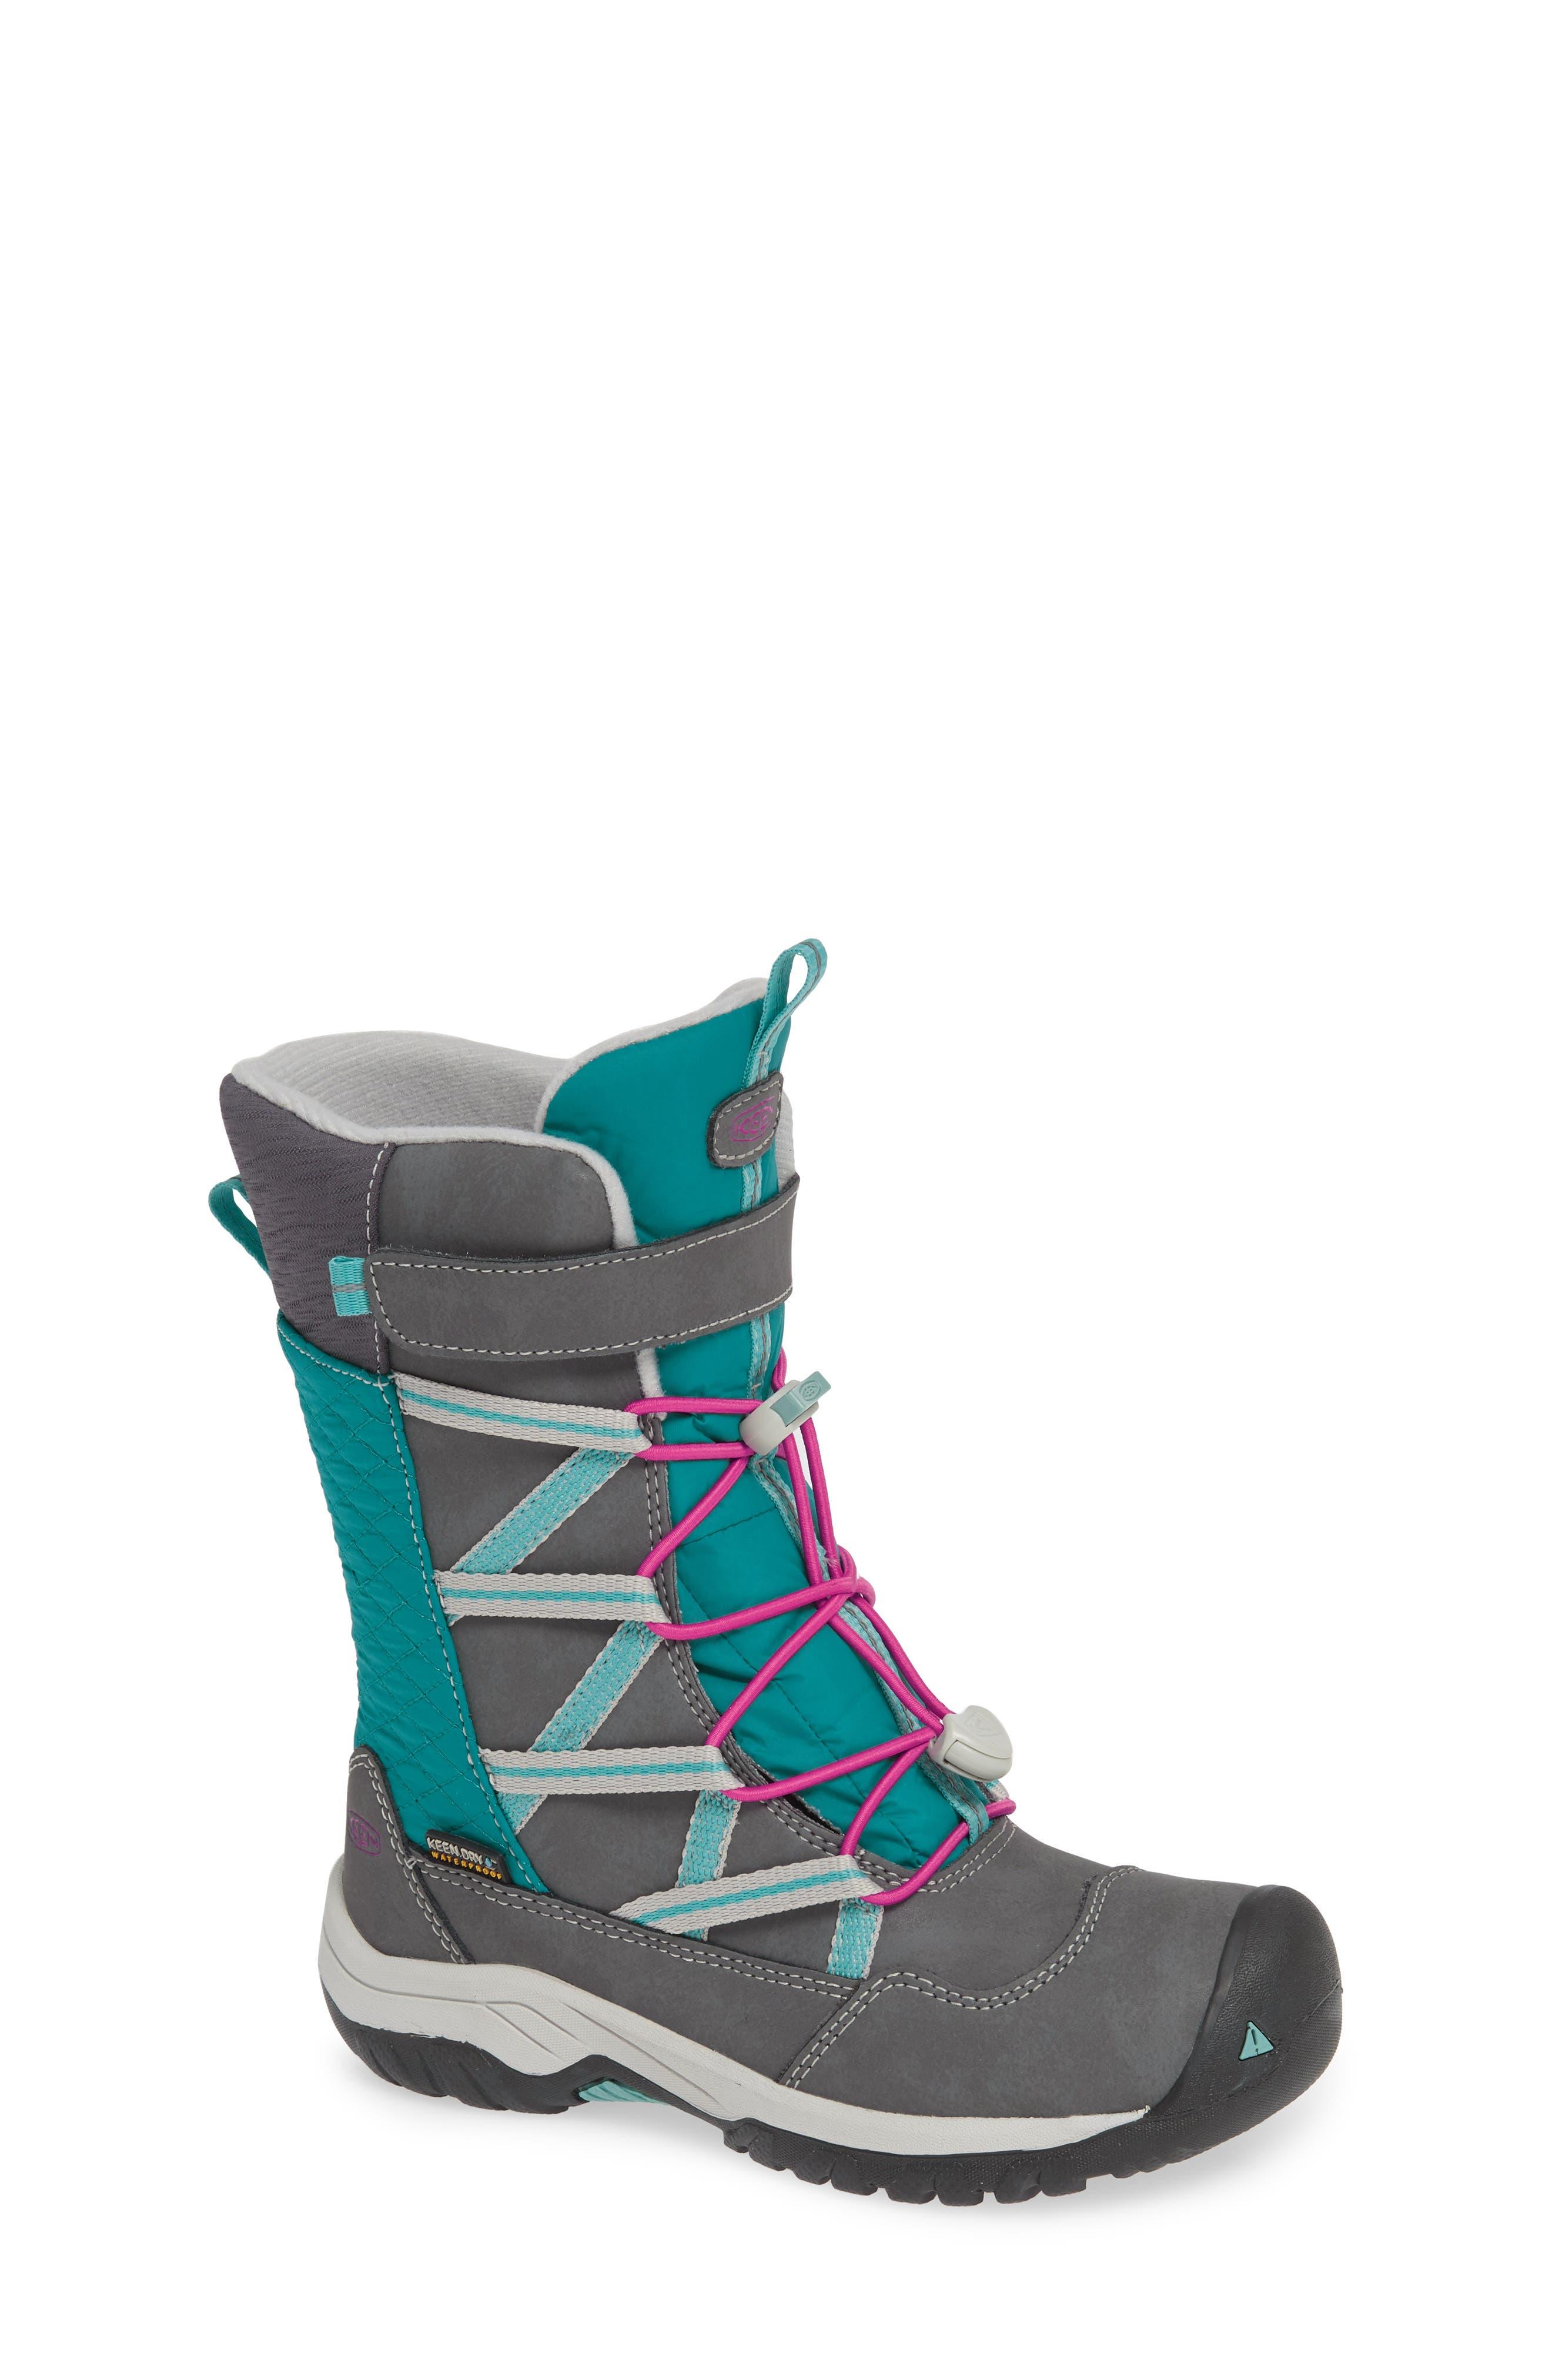 KEEN Hoodoo Waterproof Insulated Boot, Main, color, STEEL GREY/ CABARET